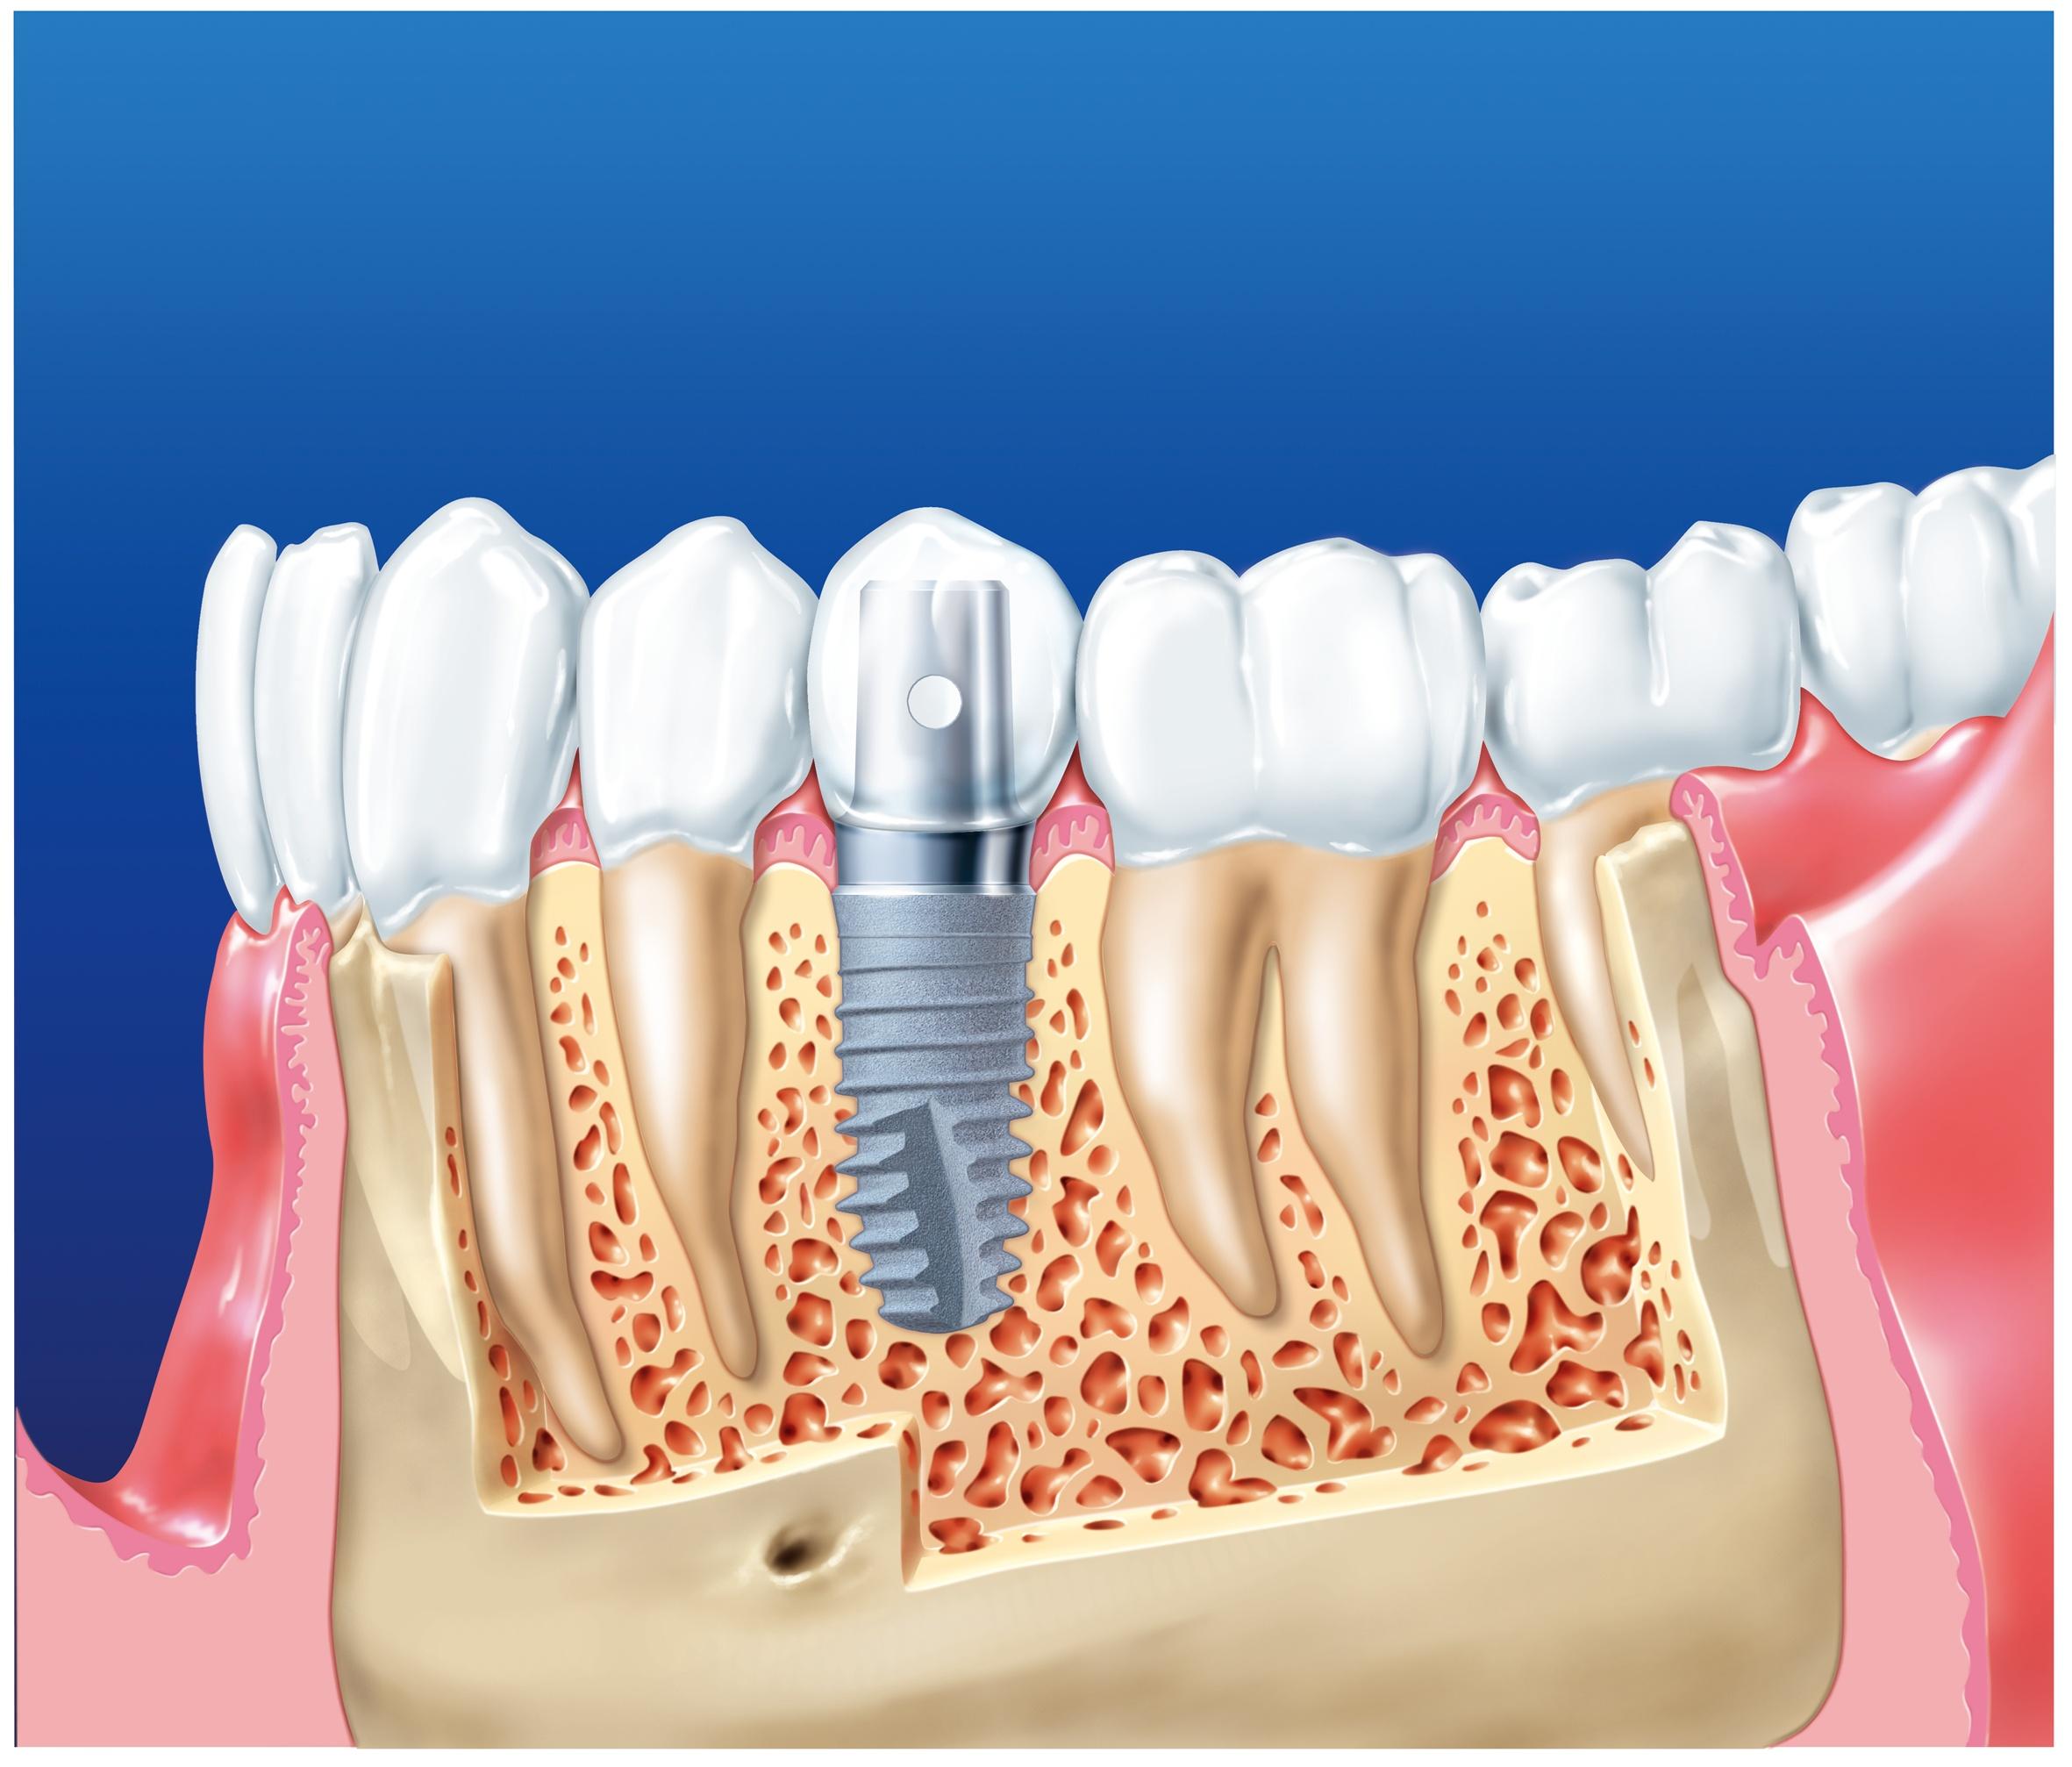 implant xsg 1 1